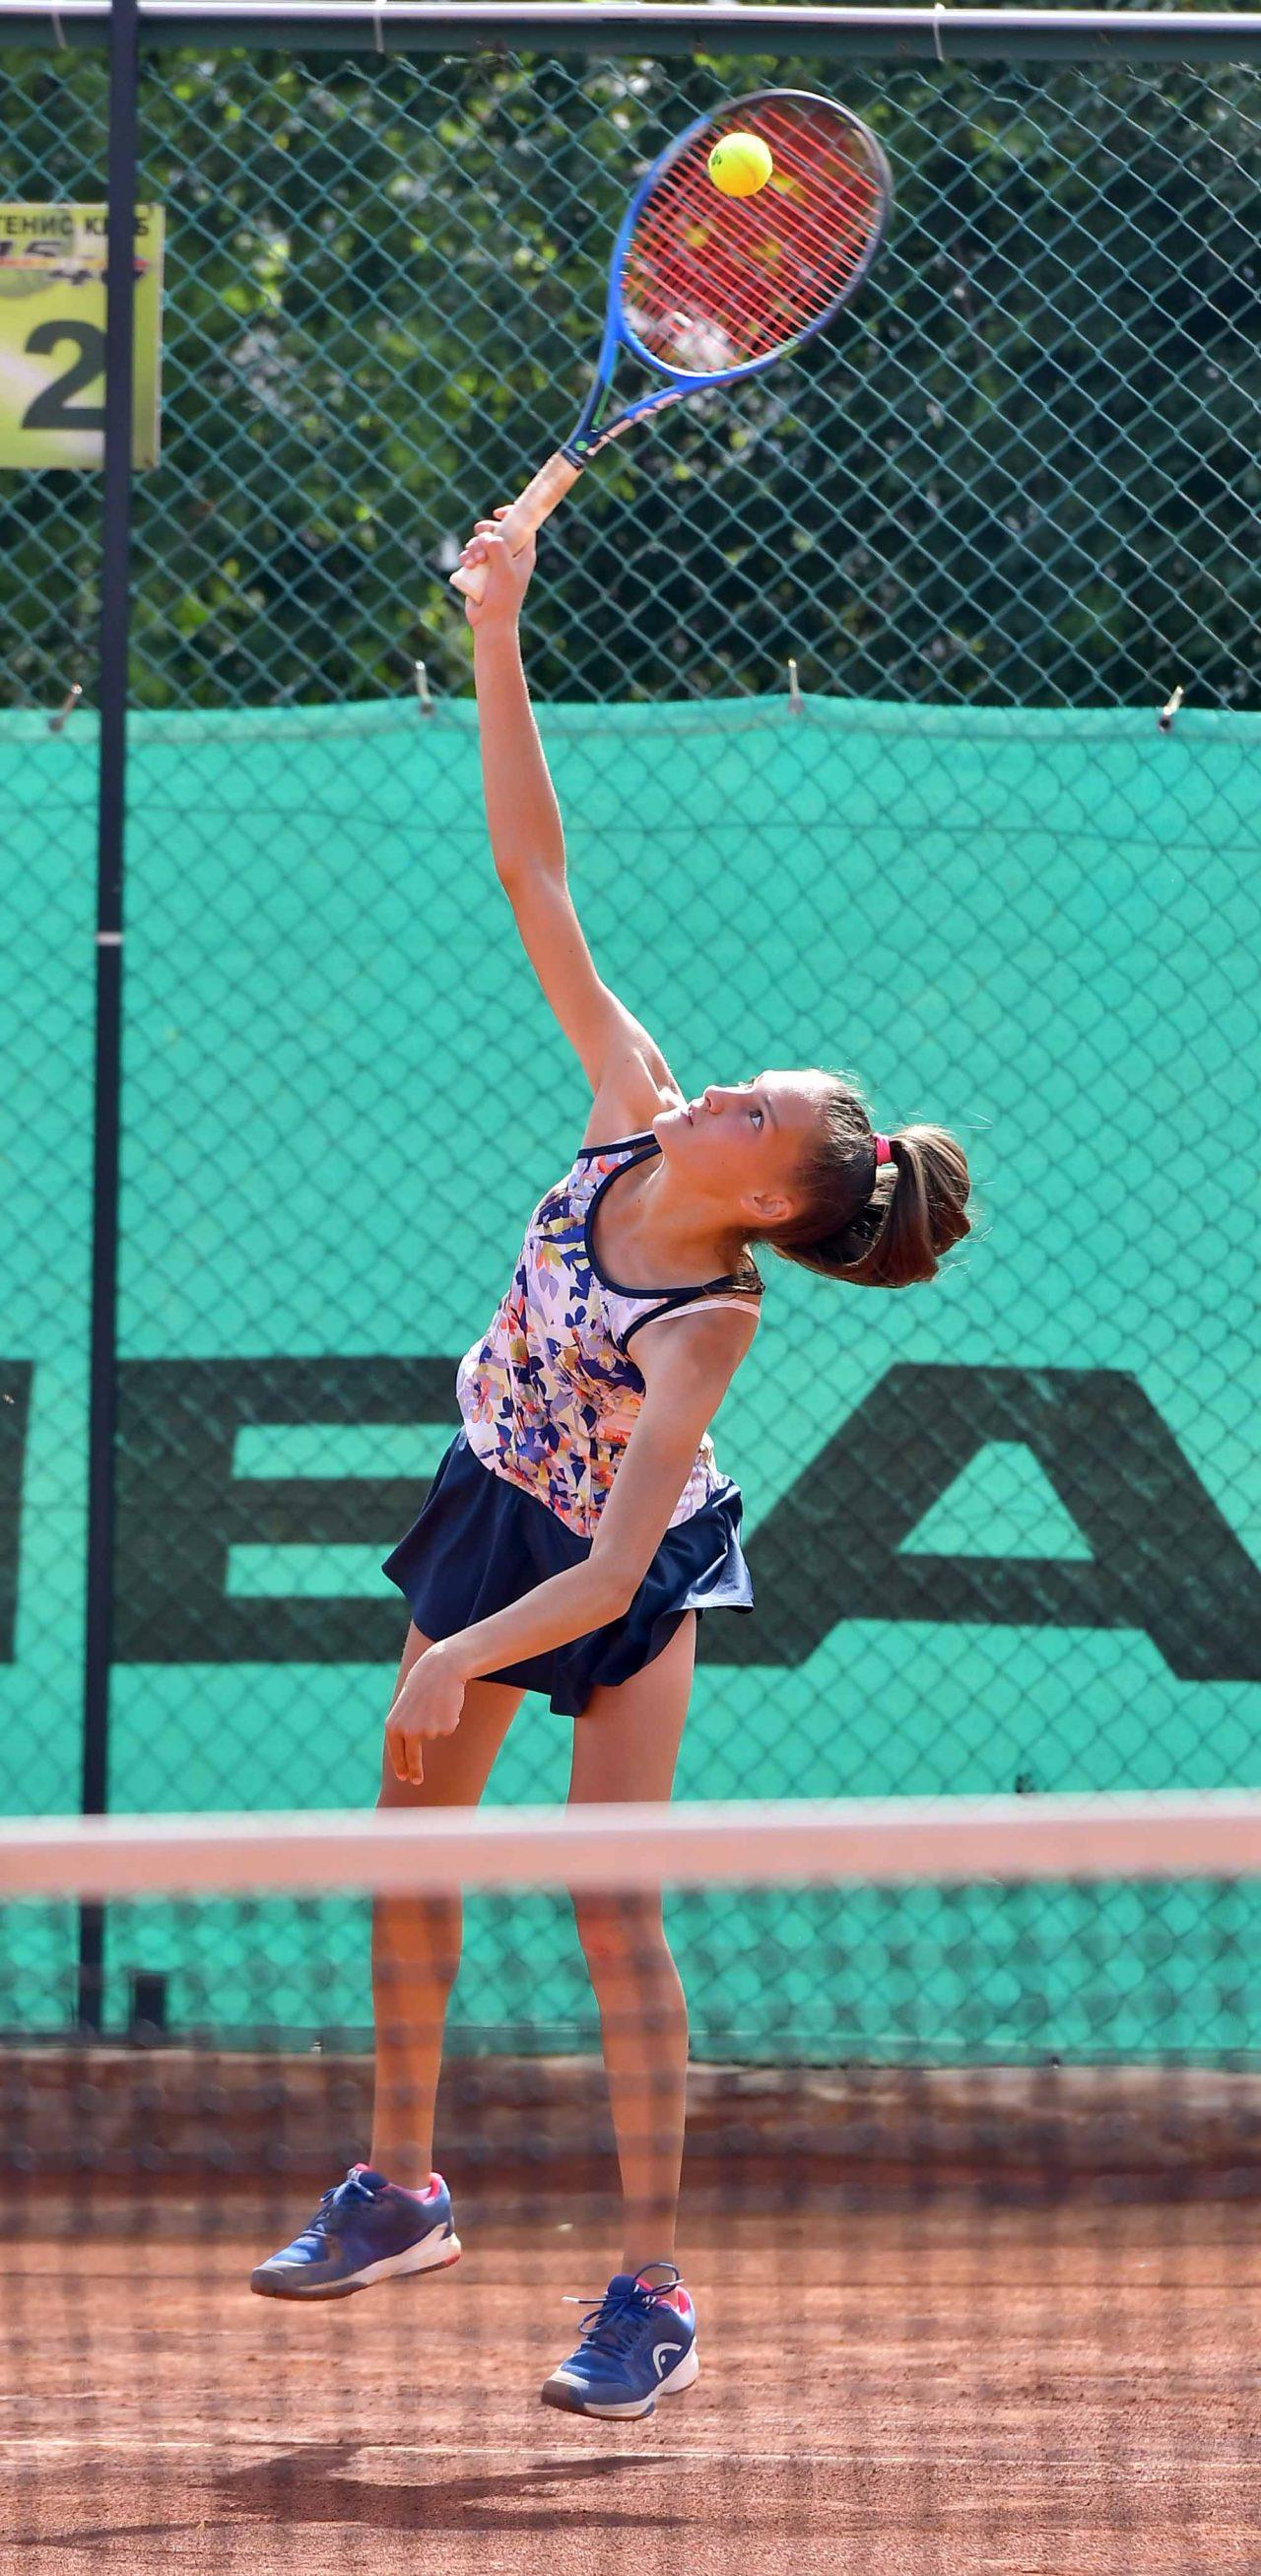 Държавно първенство тенис до 14 год. ТК 15-40 финал (25)